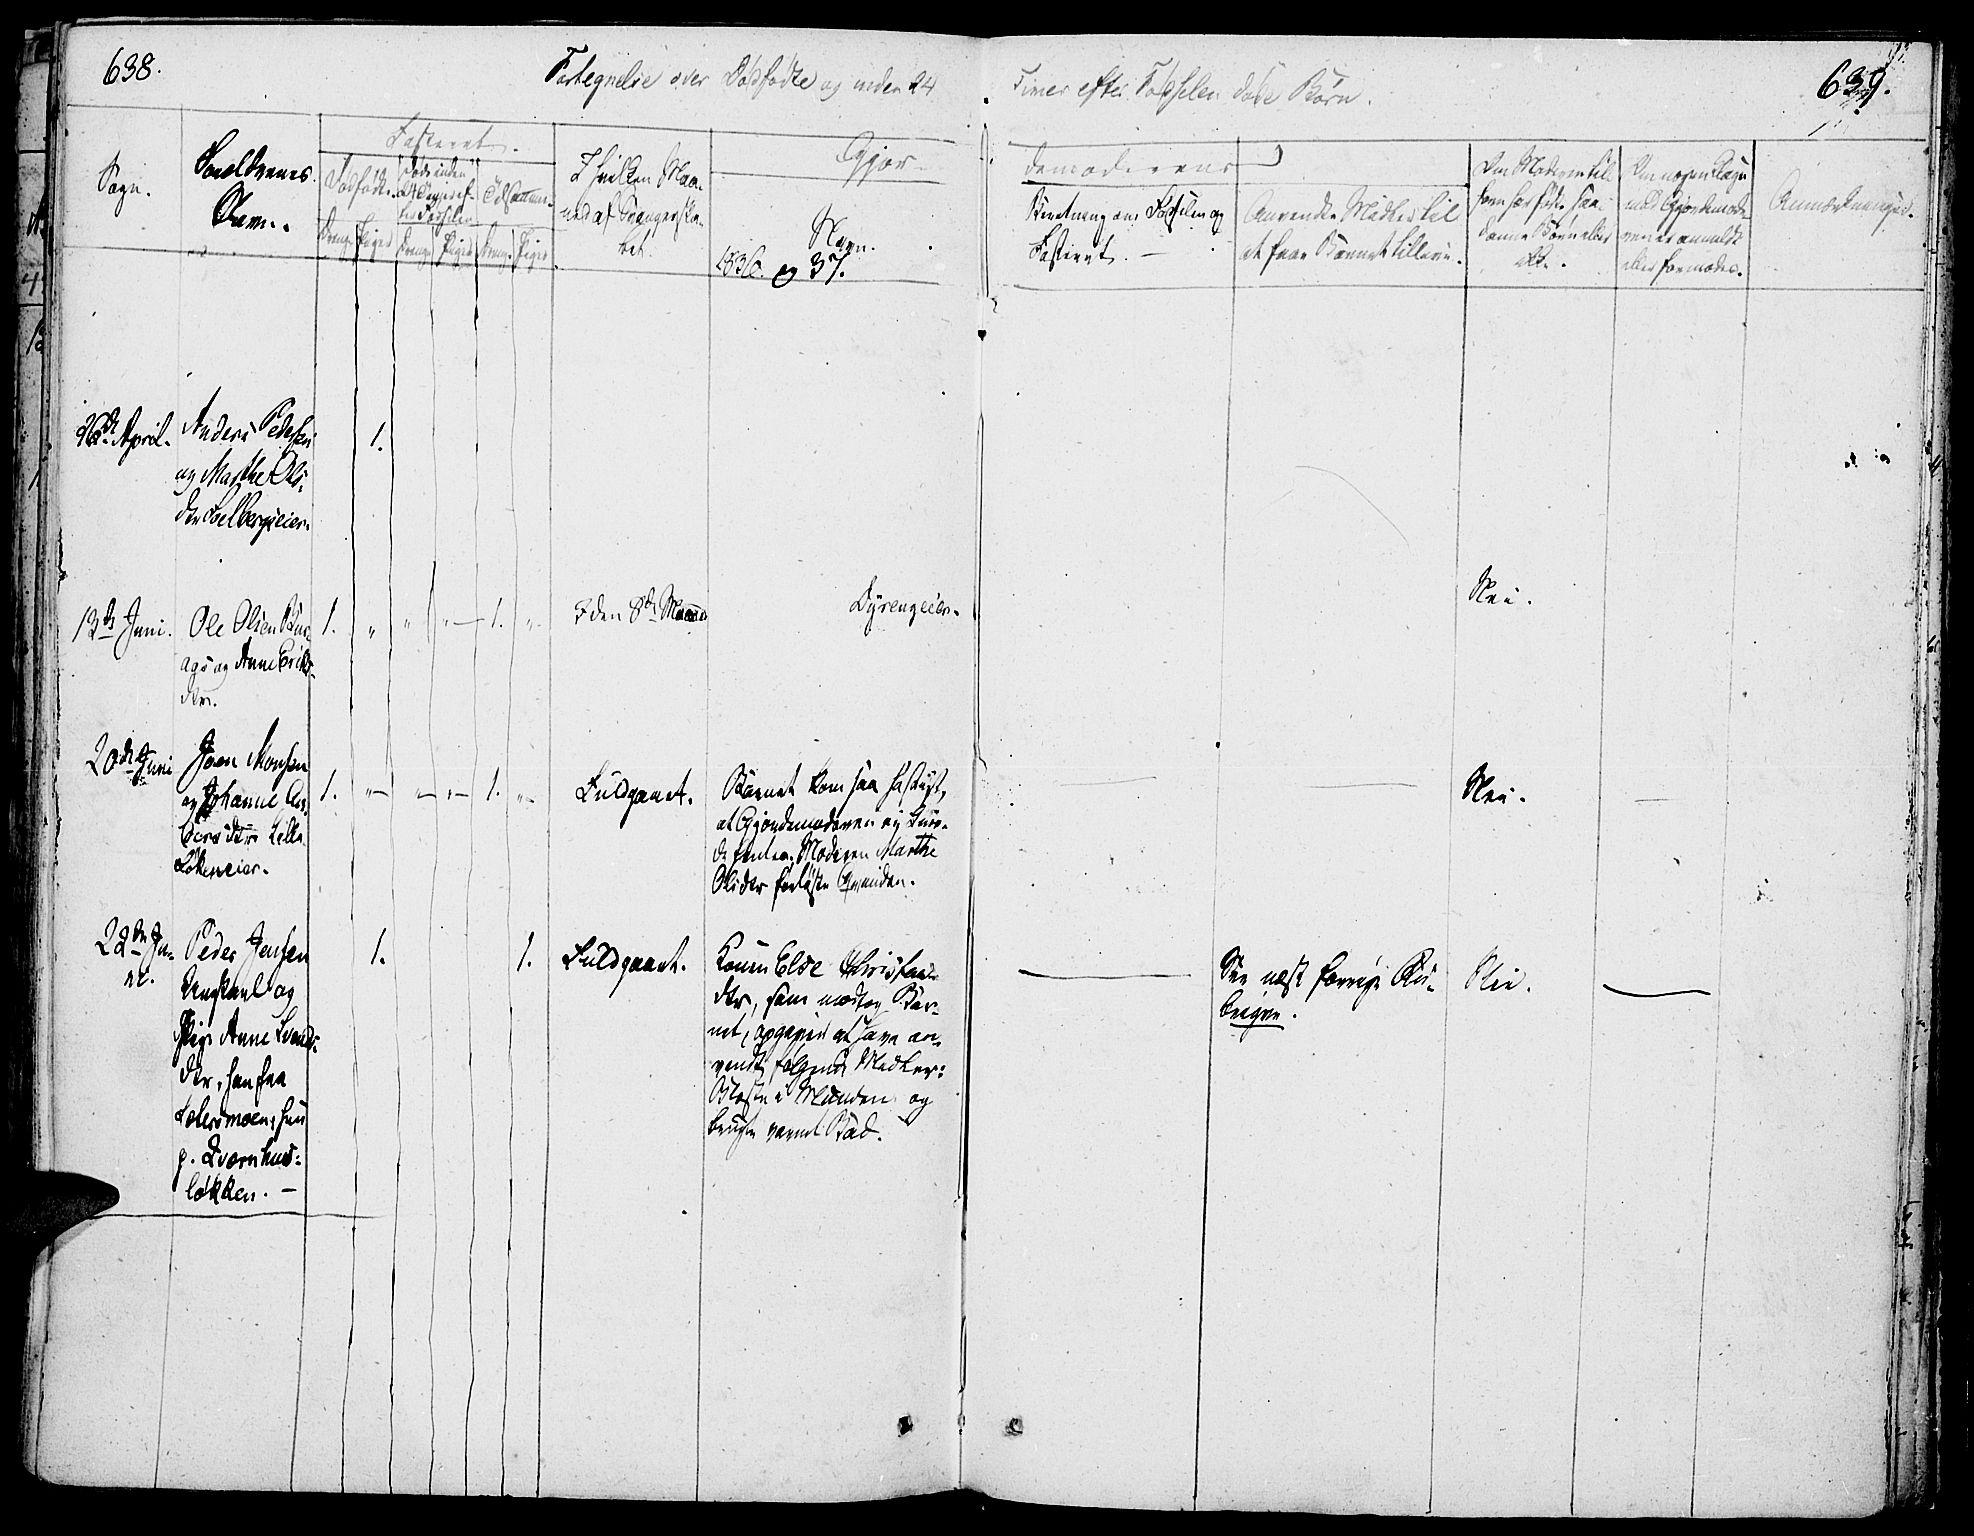 SAH, Løten prestekontor, K/Ka/L0006: Parish register (official) no. 6, 1832-1849, p. 638-639